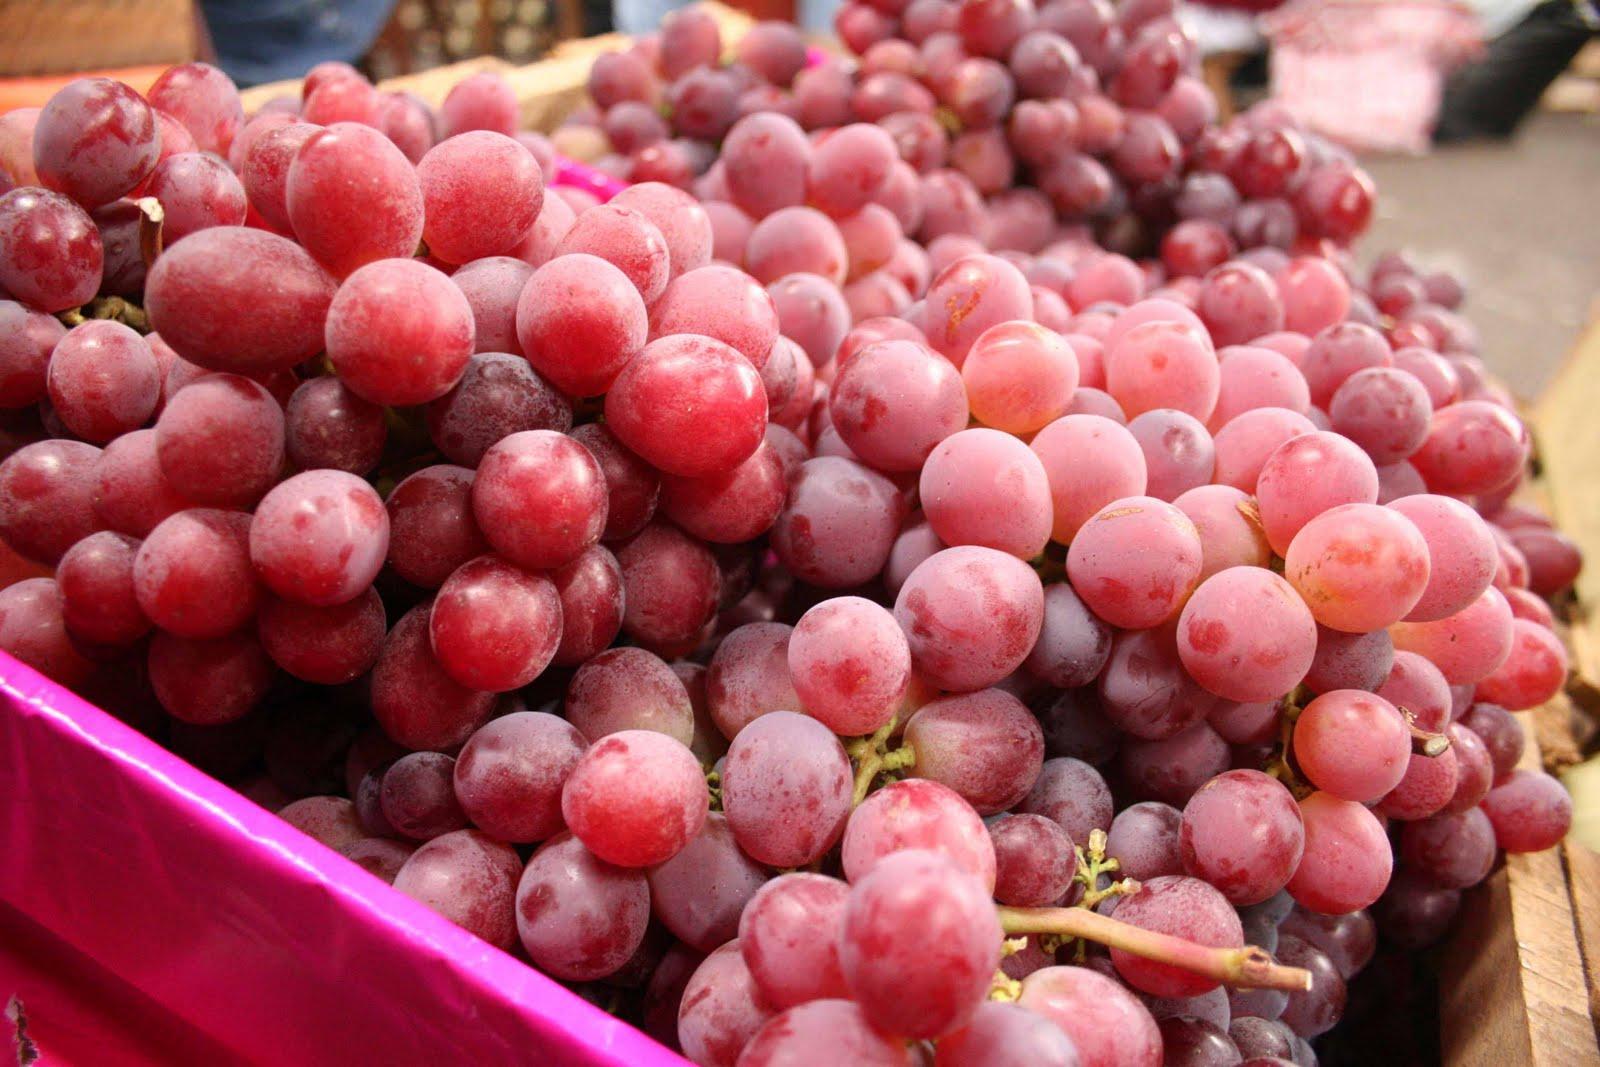 Medidas para evitar bajos precios de la uva de mesa la próxima temporada